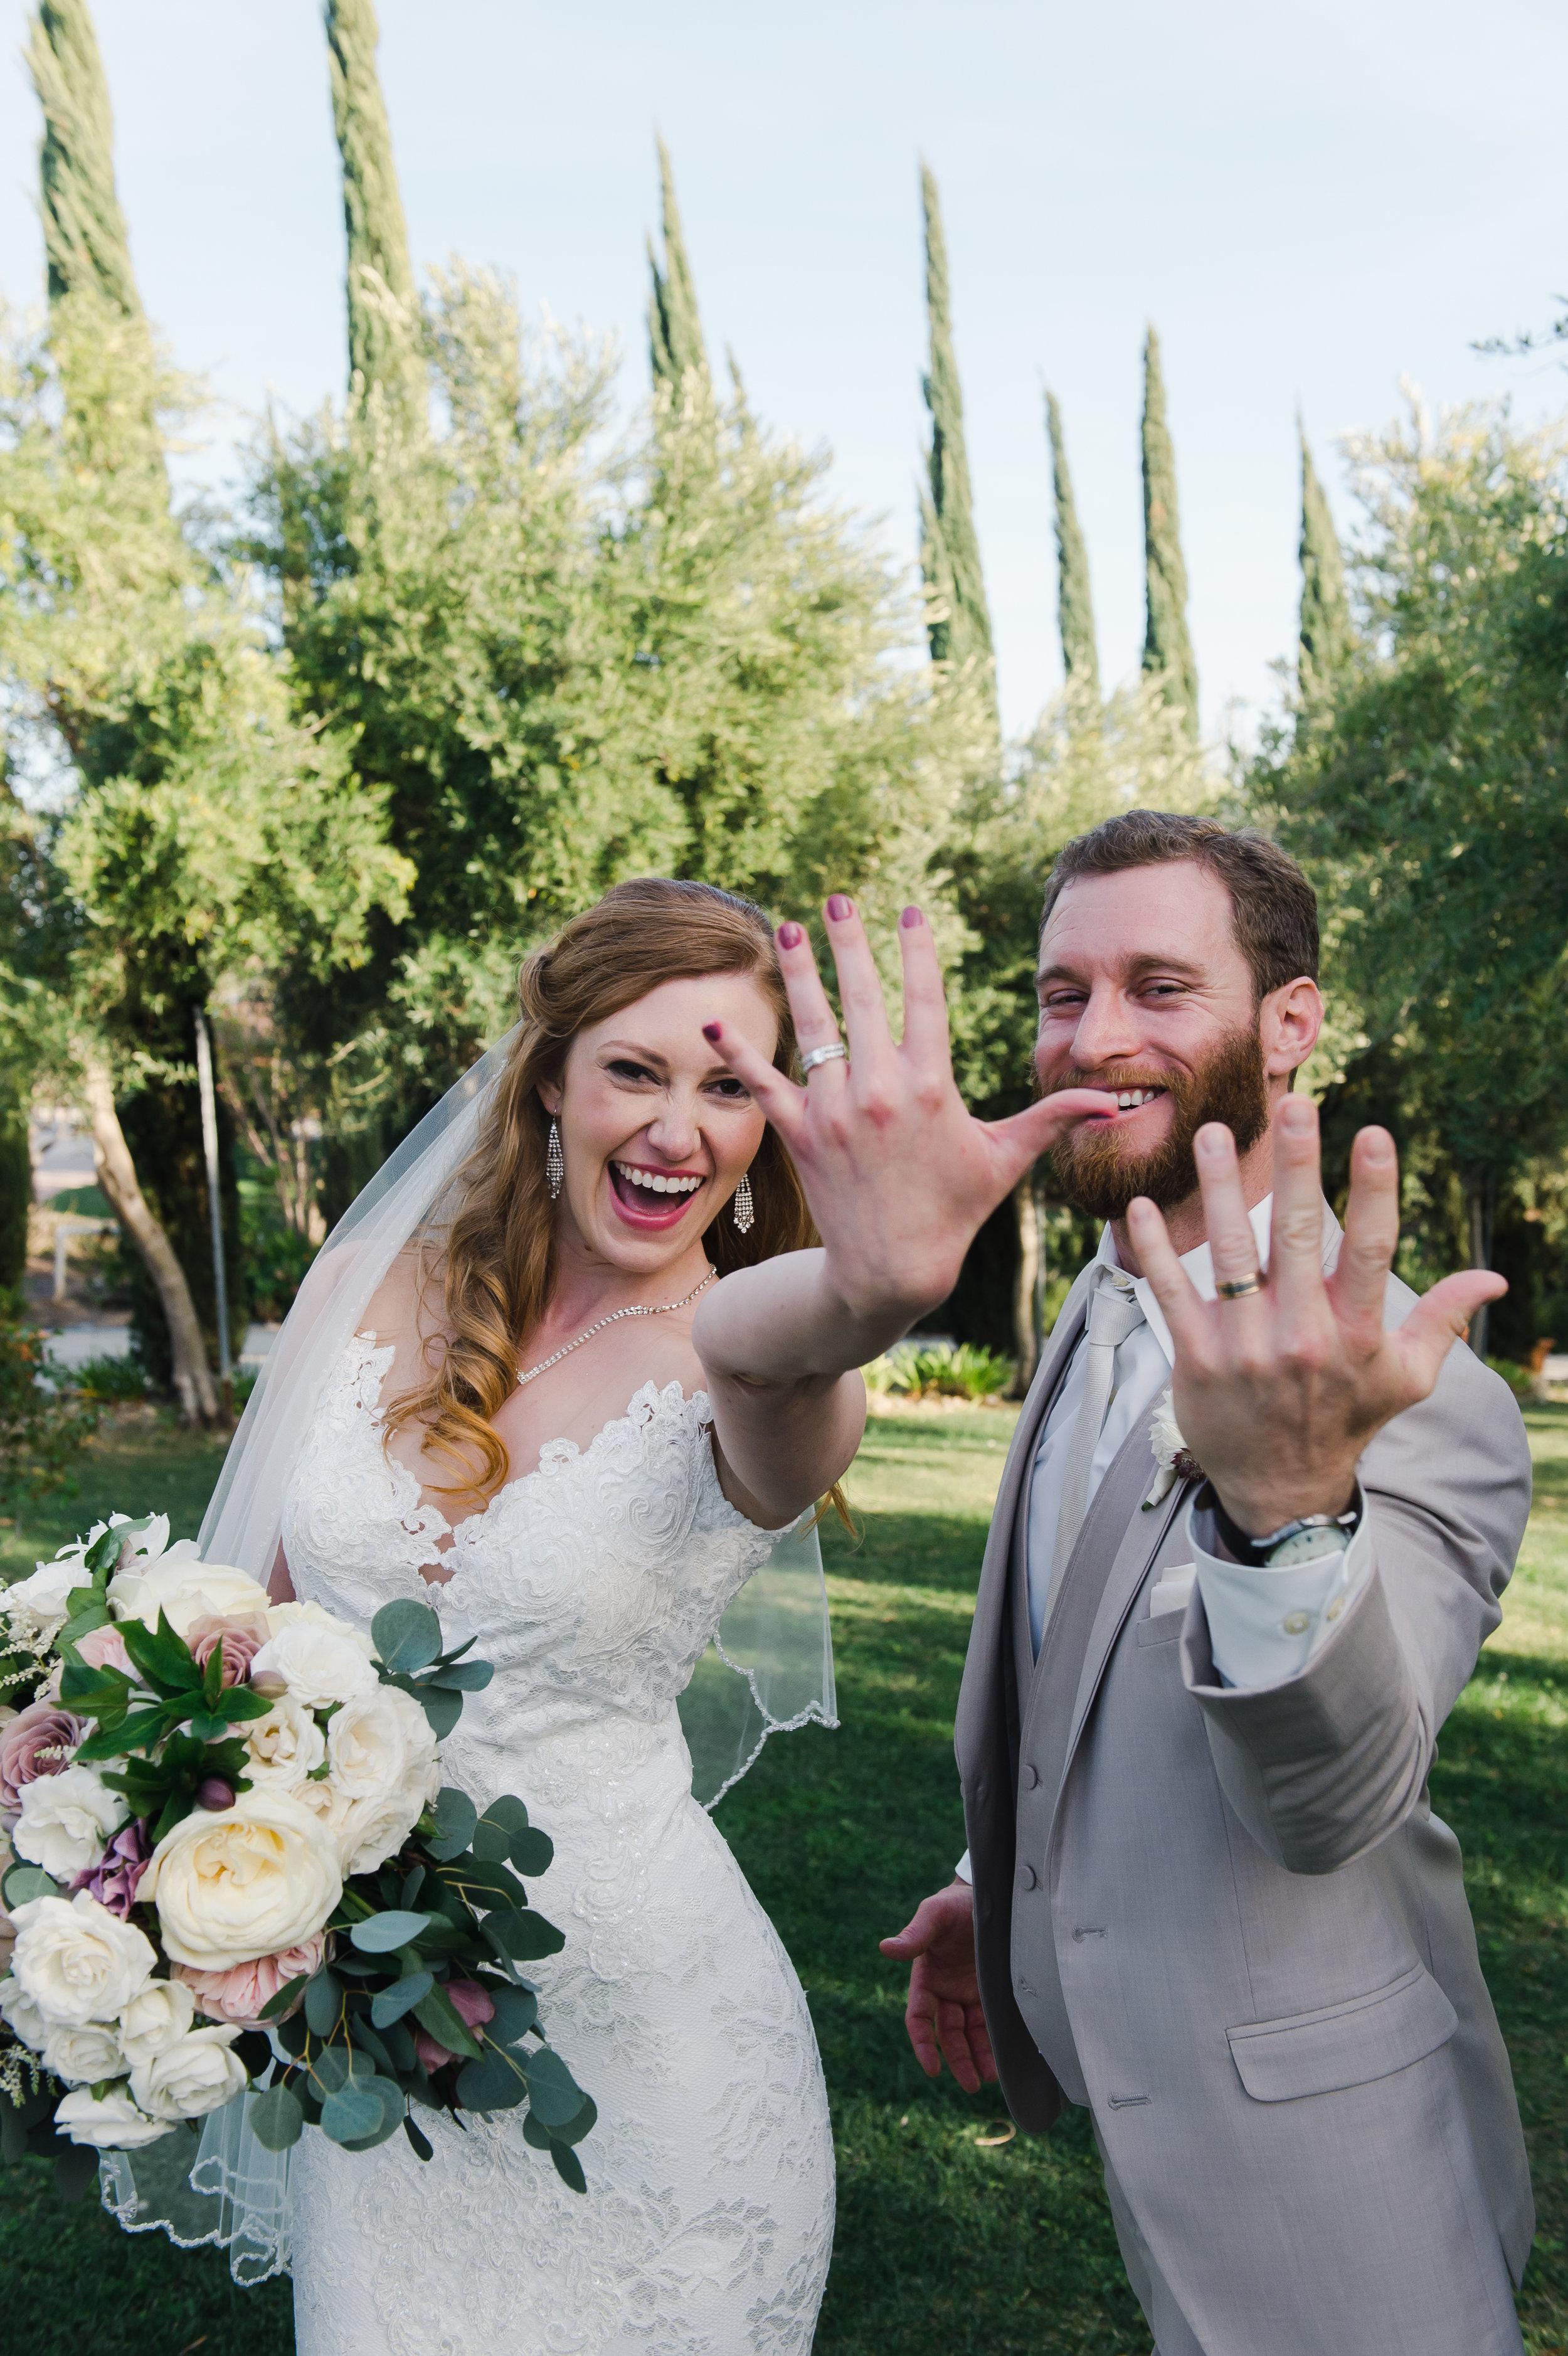 40mountpalomarwineryweddingpictures.jpg